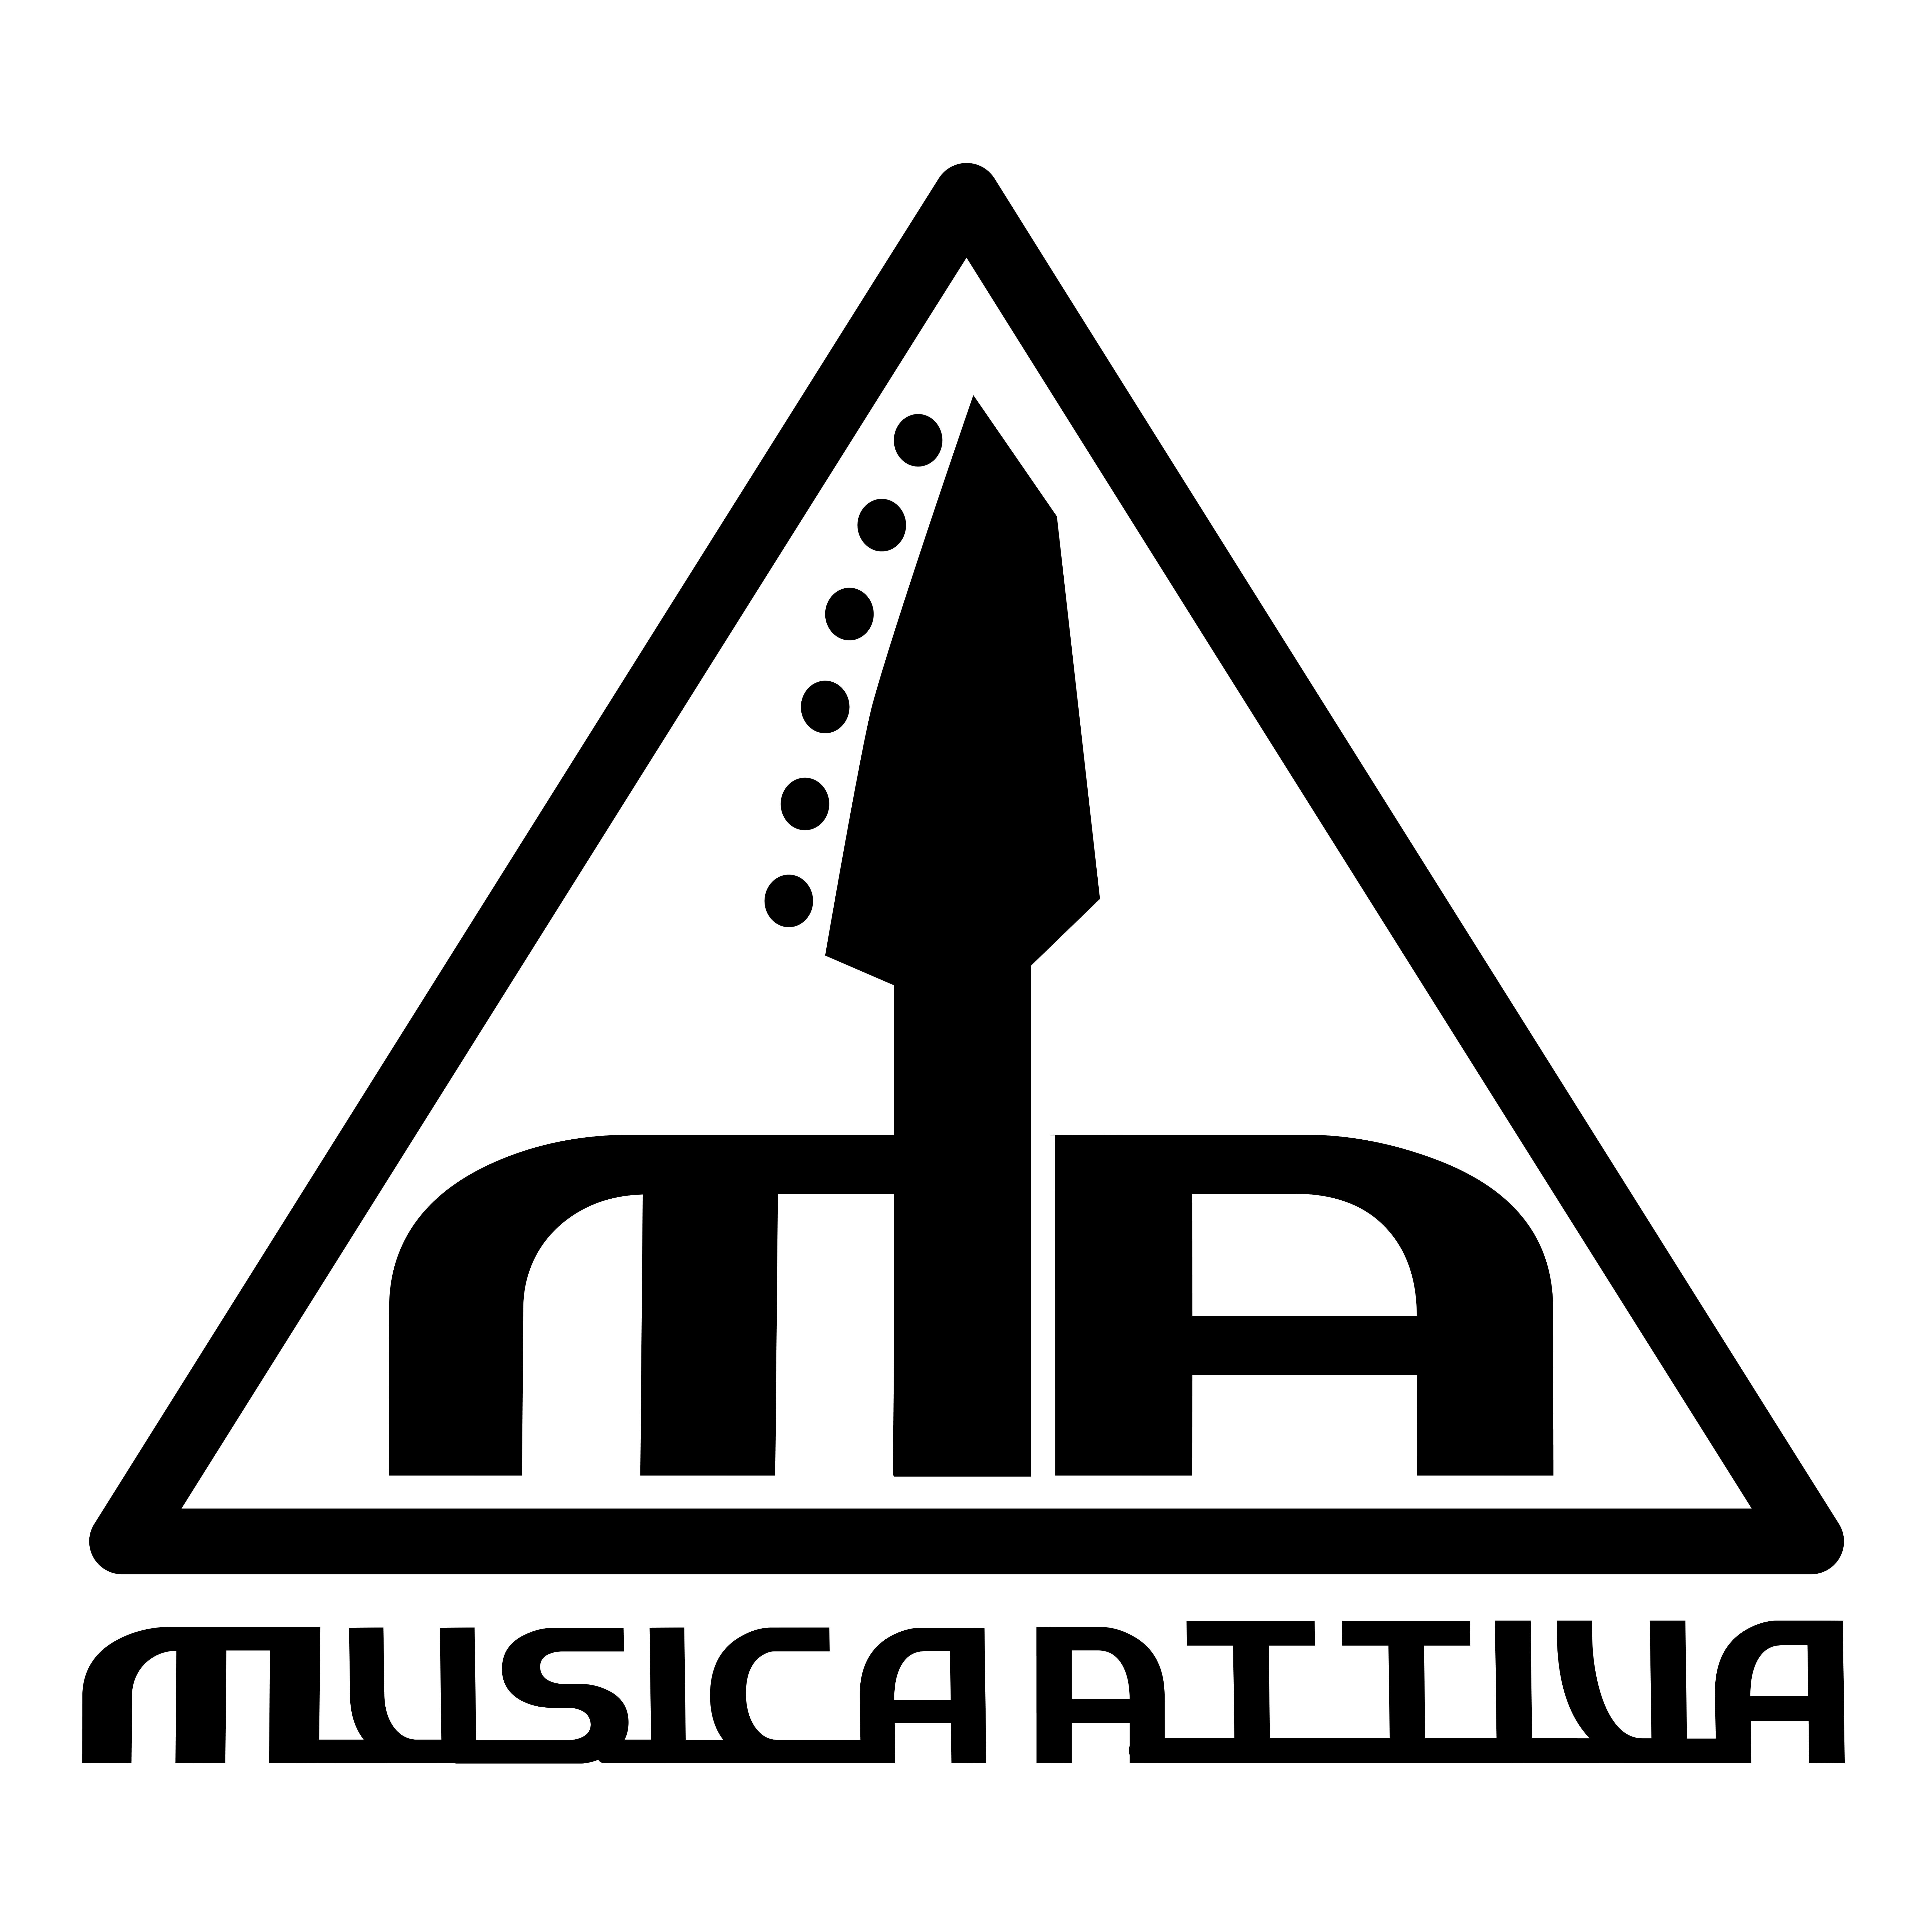 Scarica Il Nostro Logo Musica Attiva